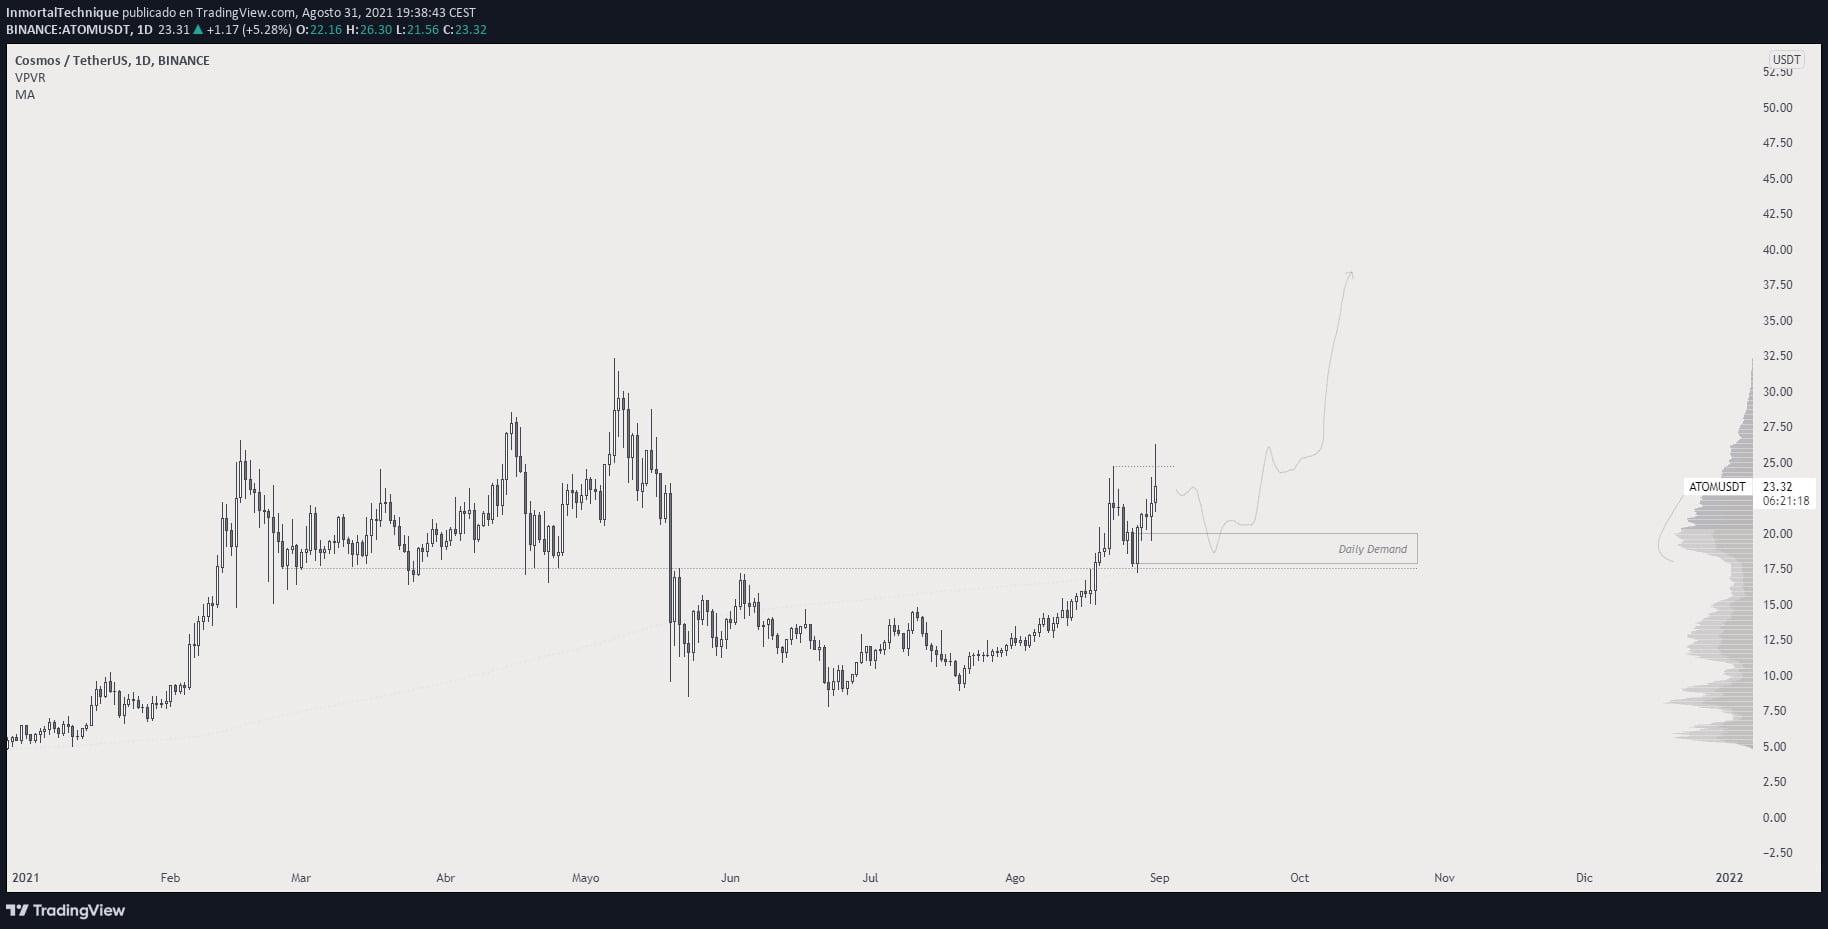 """Ünlü Analist: """"Bitcoin Büyük Bir Hareket İçin Hazırlanıyor"""" 2 - bitcoin ve ethereum buyuk bir hareket icin hazirlaniyor 1"""